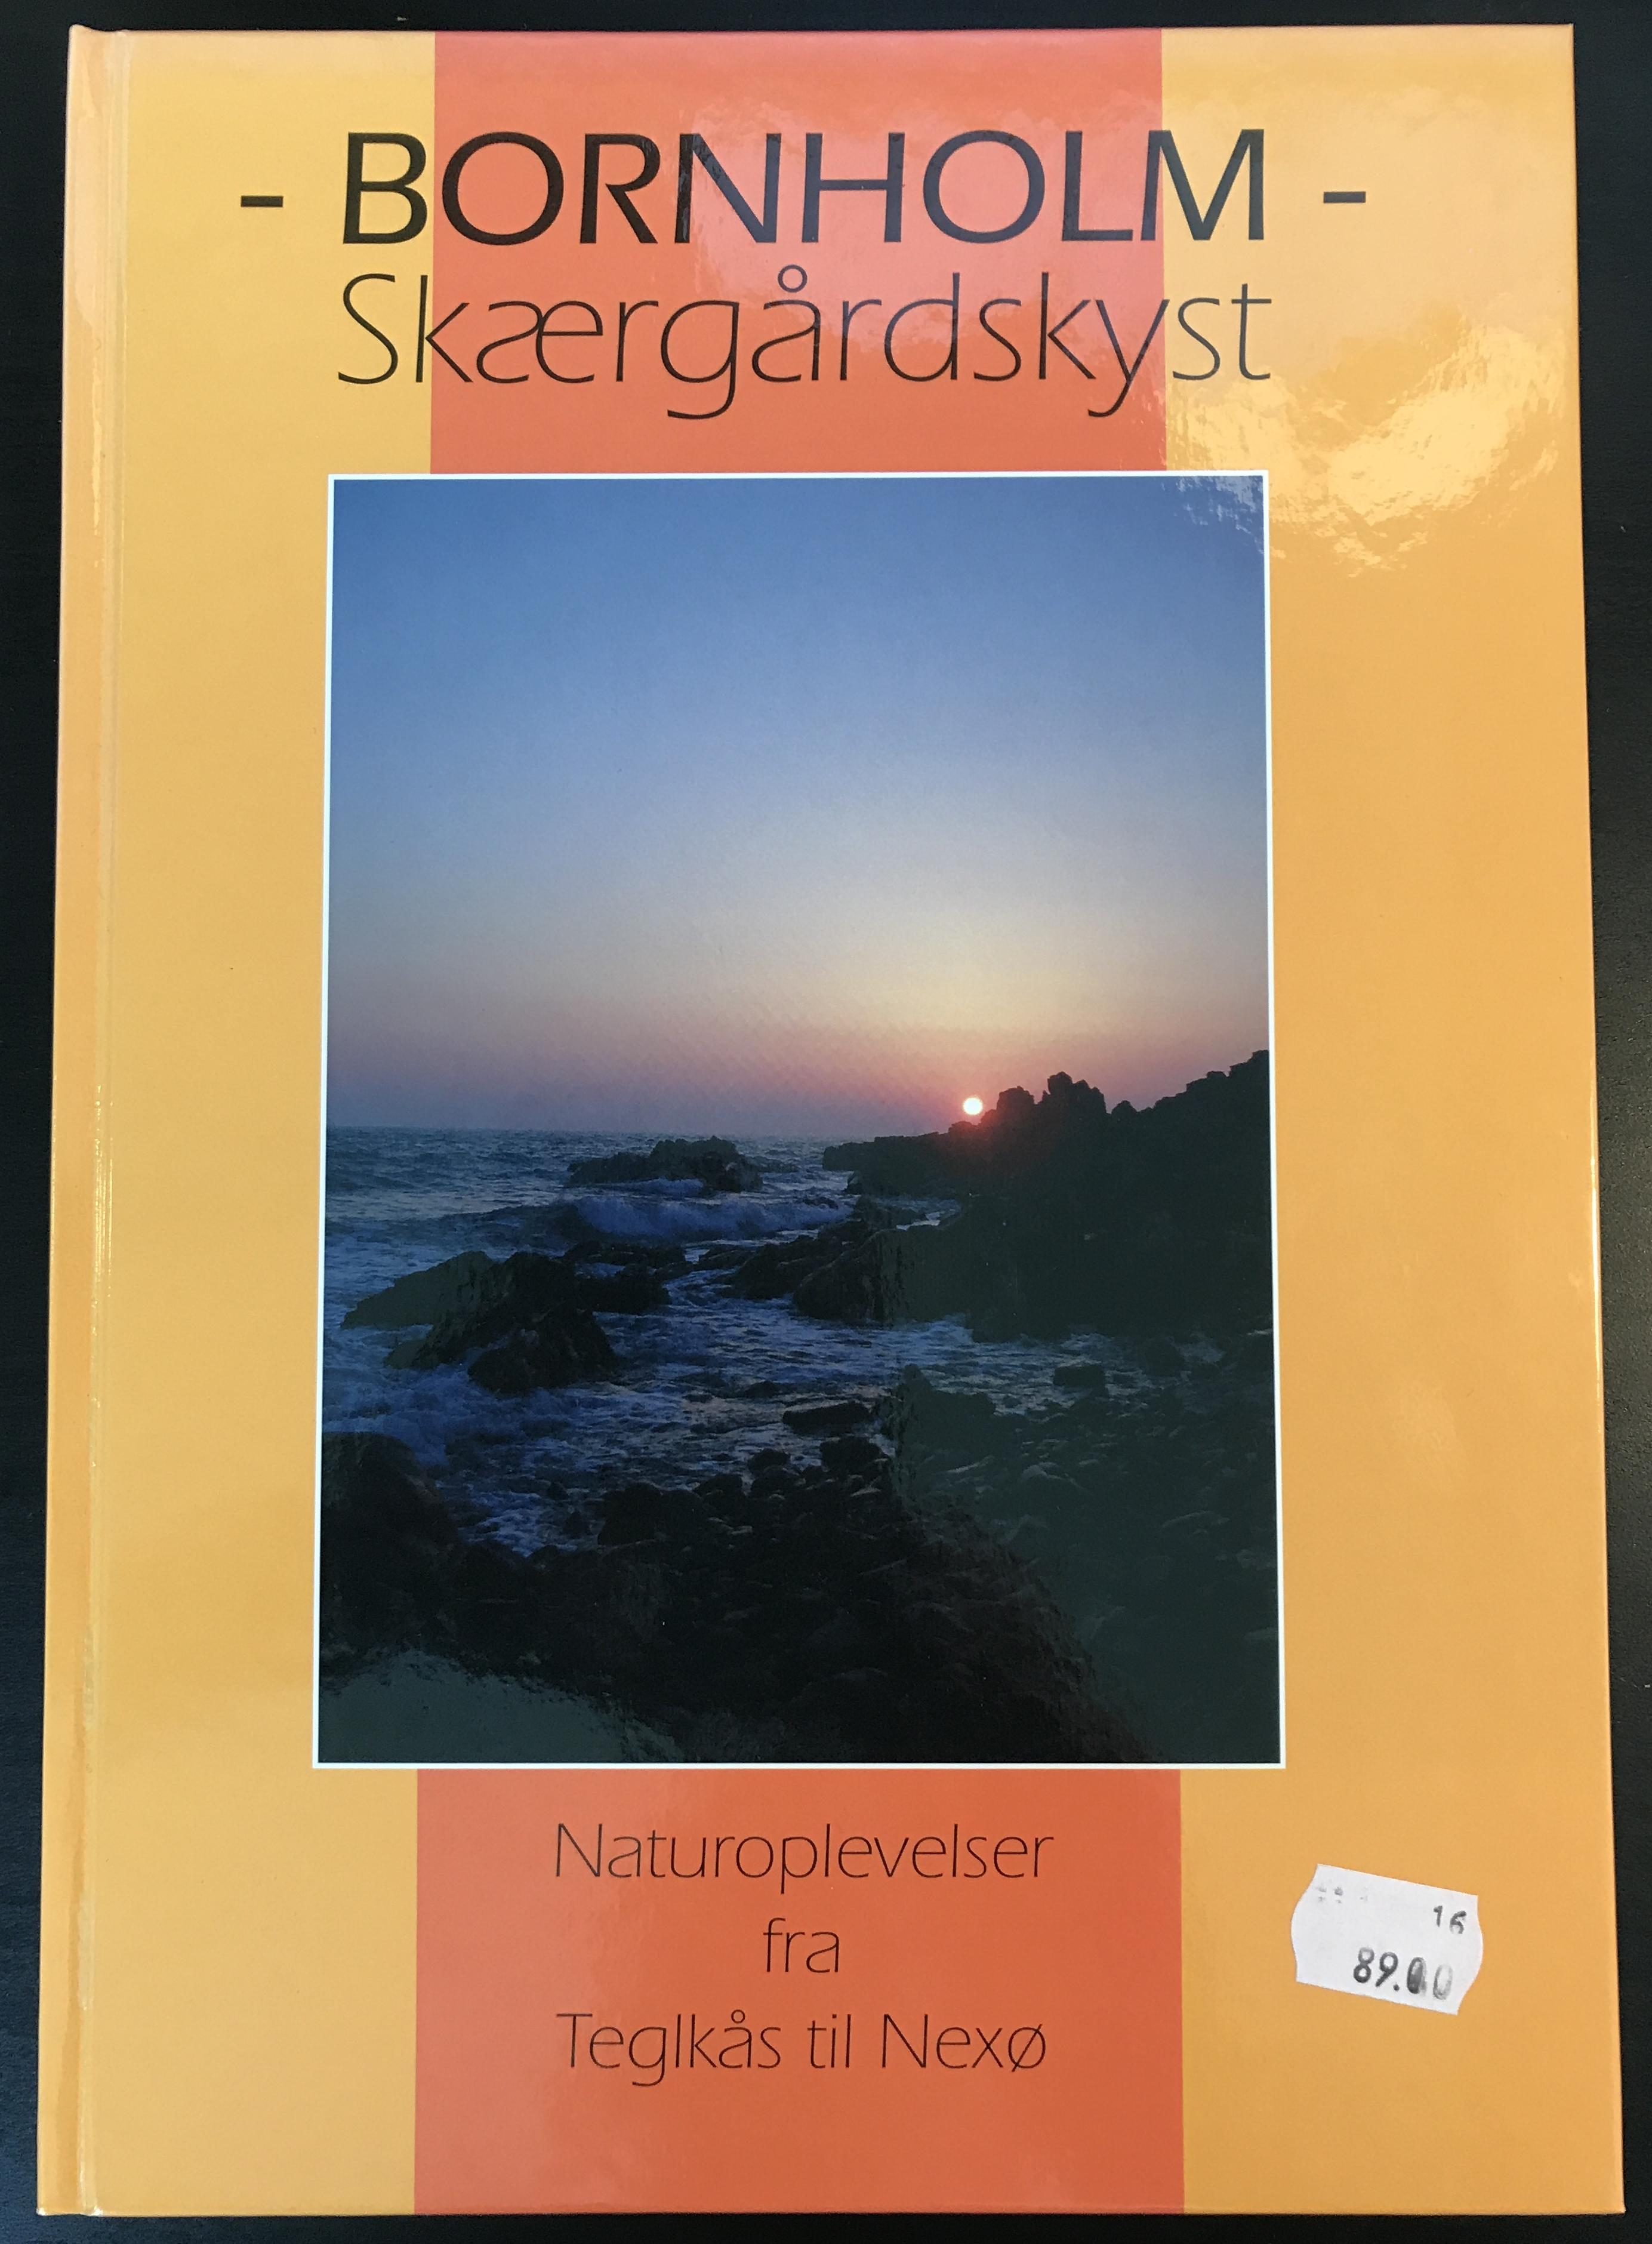 Bornholm Skærgårdskyst Naturoplevelser fra Teglkås til Nexø